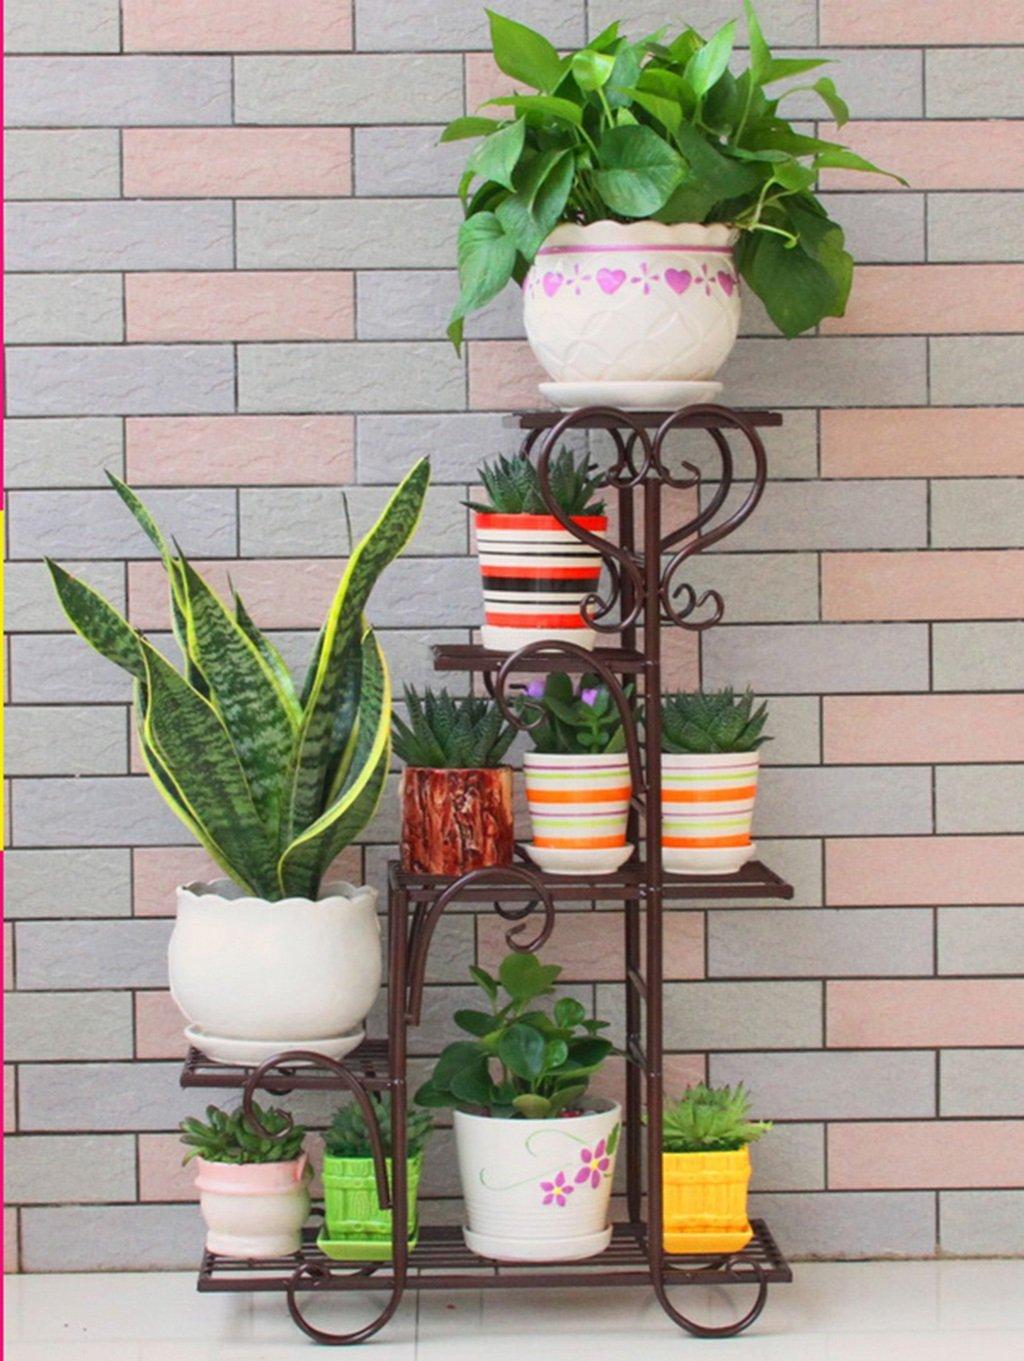 &Macetero Soporte de flores Estantes de hierro Estante de la sala de estar del balcón interior Estante de flores pequeño trapezoidal Macetas decorativas ( Color : A ) LYM